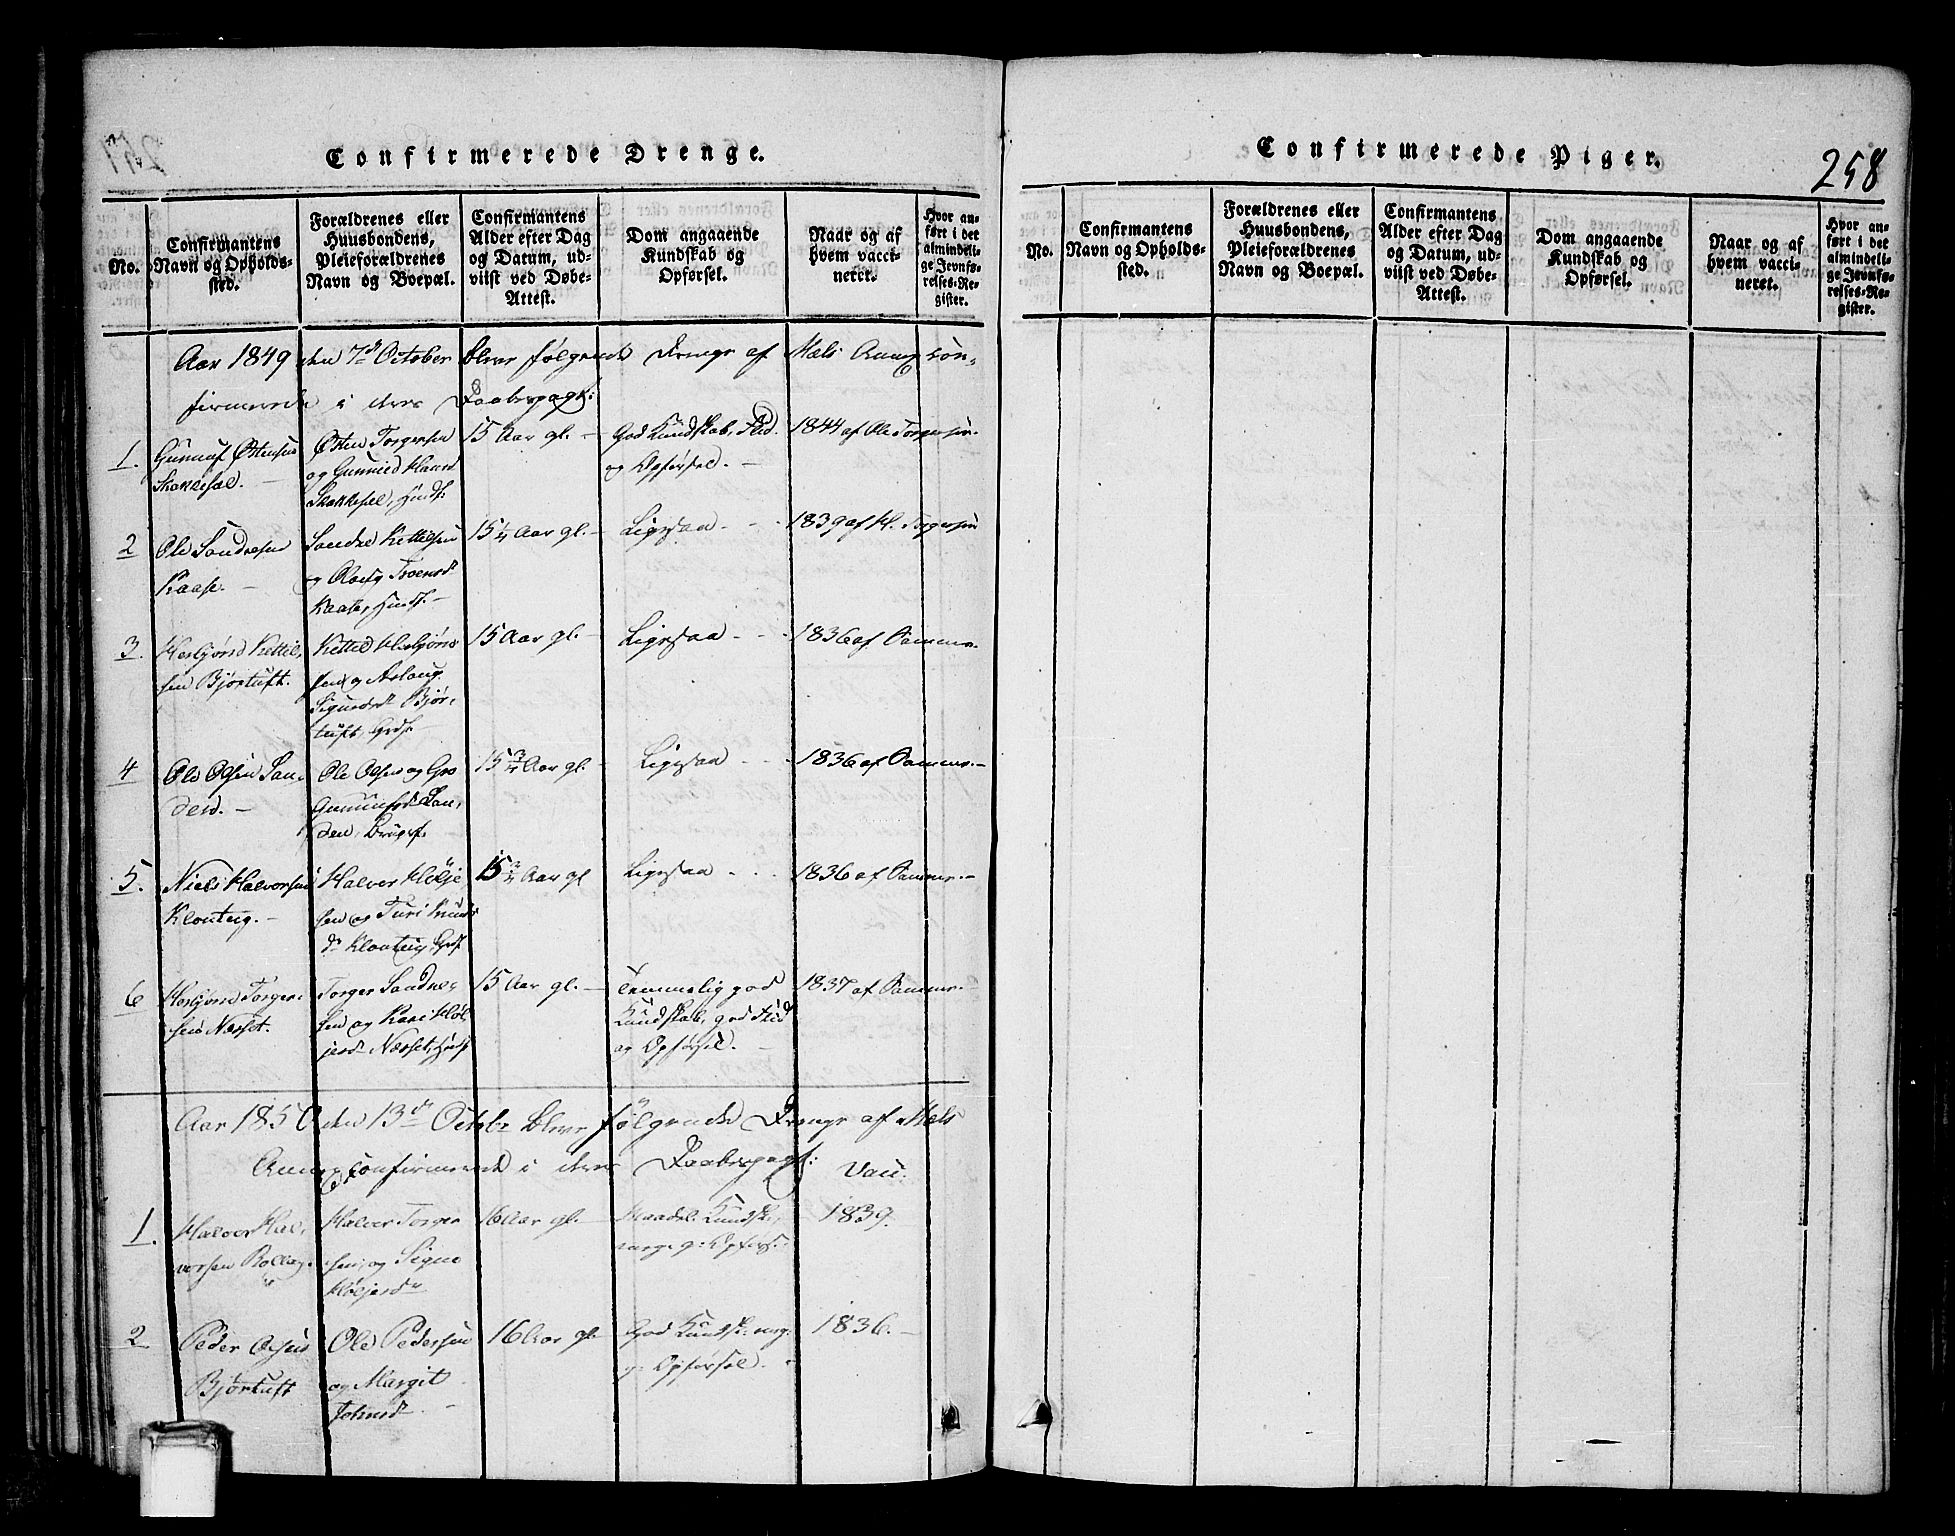 SAKO, Tinn kirkebøker, G/Gb/L0001: Klokkerbok nr. II 1 /1, 1815-1850, s. 258